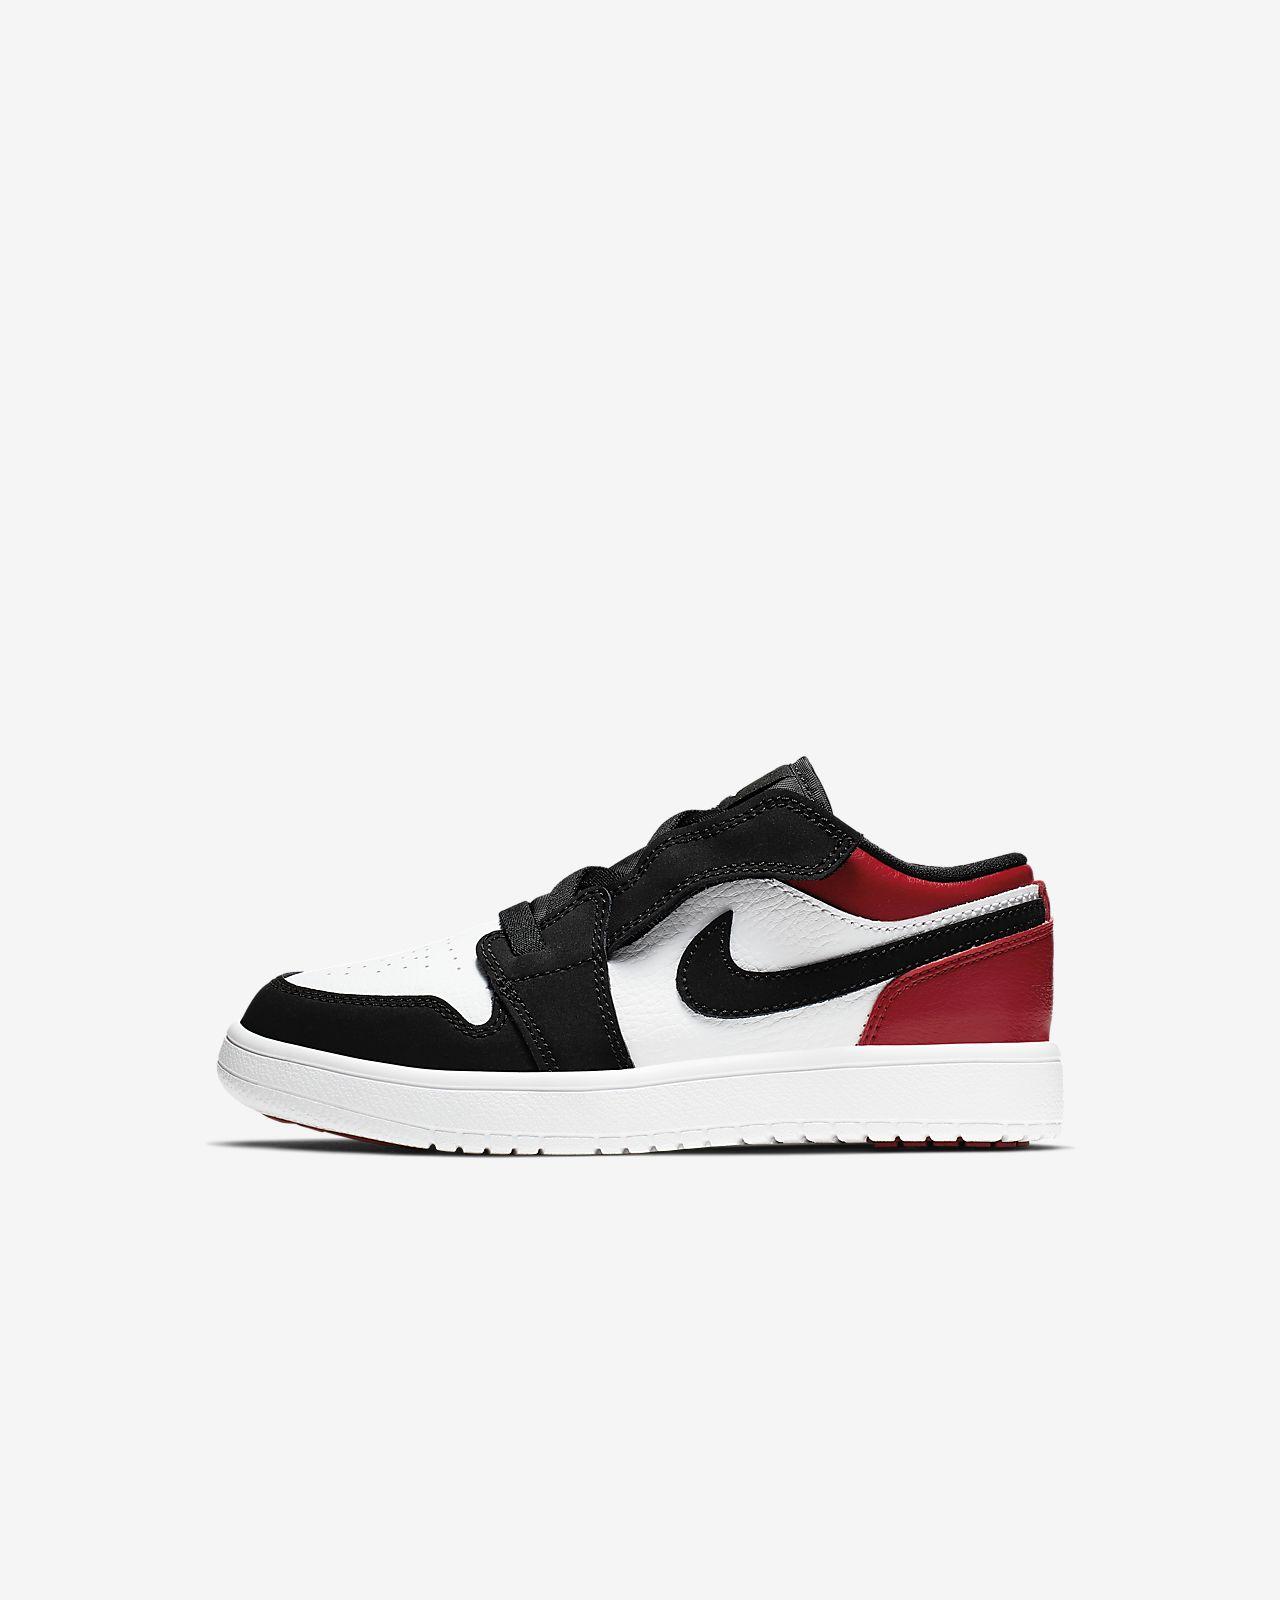 Jordan 1 Low Alt-sko til små børn